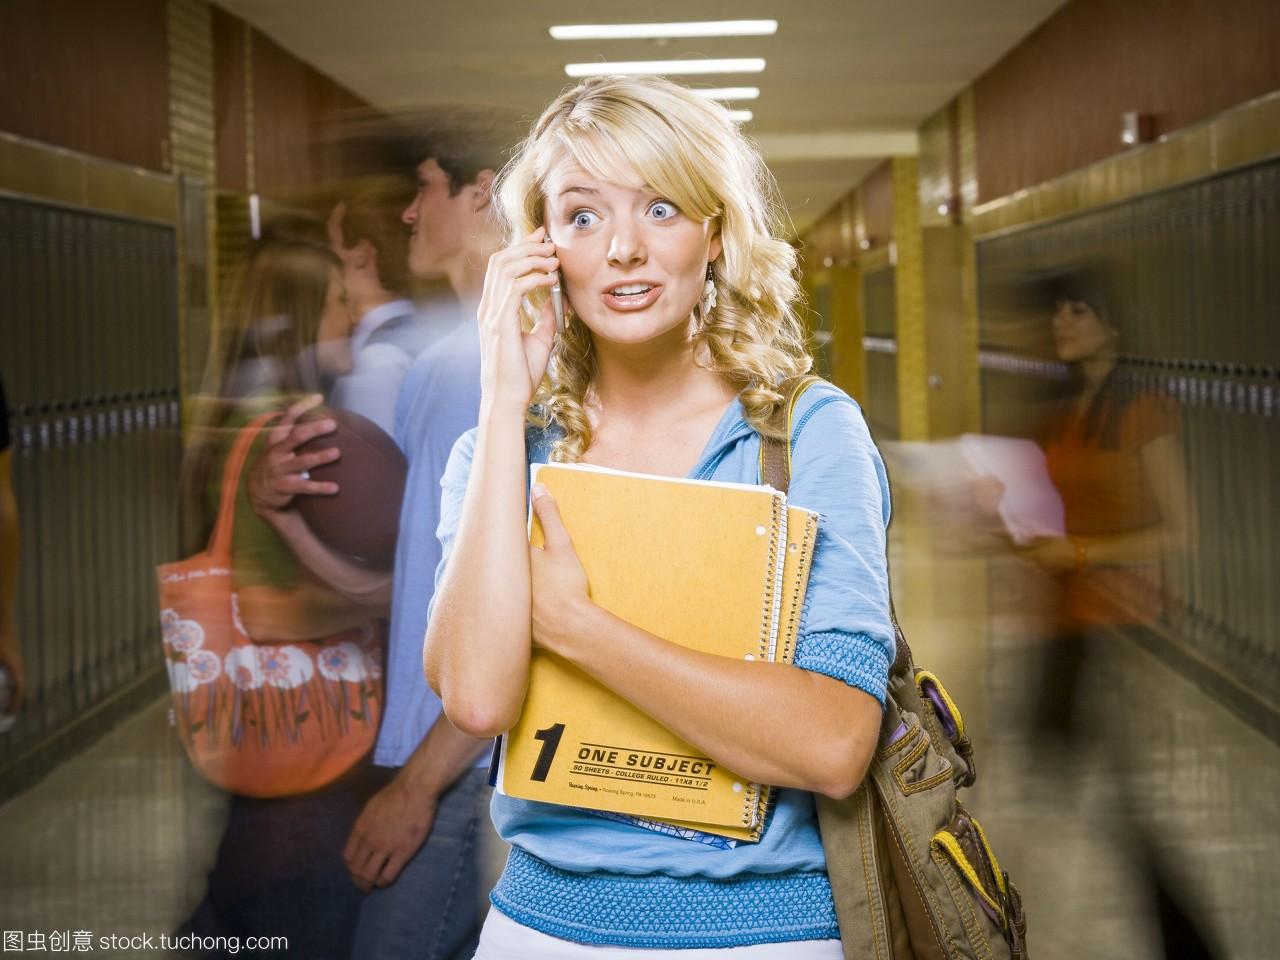 女高中生在高中手机。湖南学校美女桂东图片